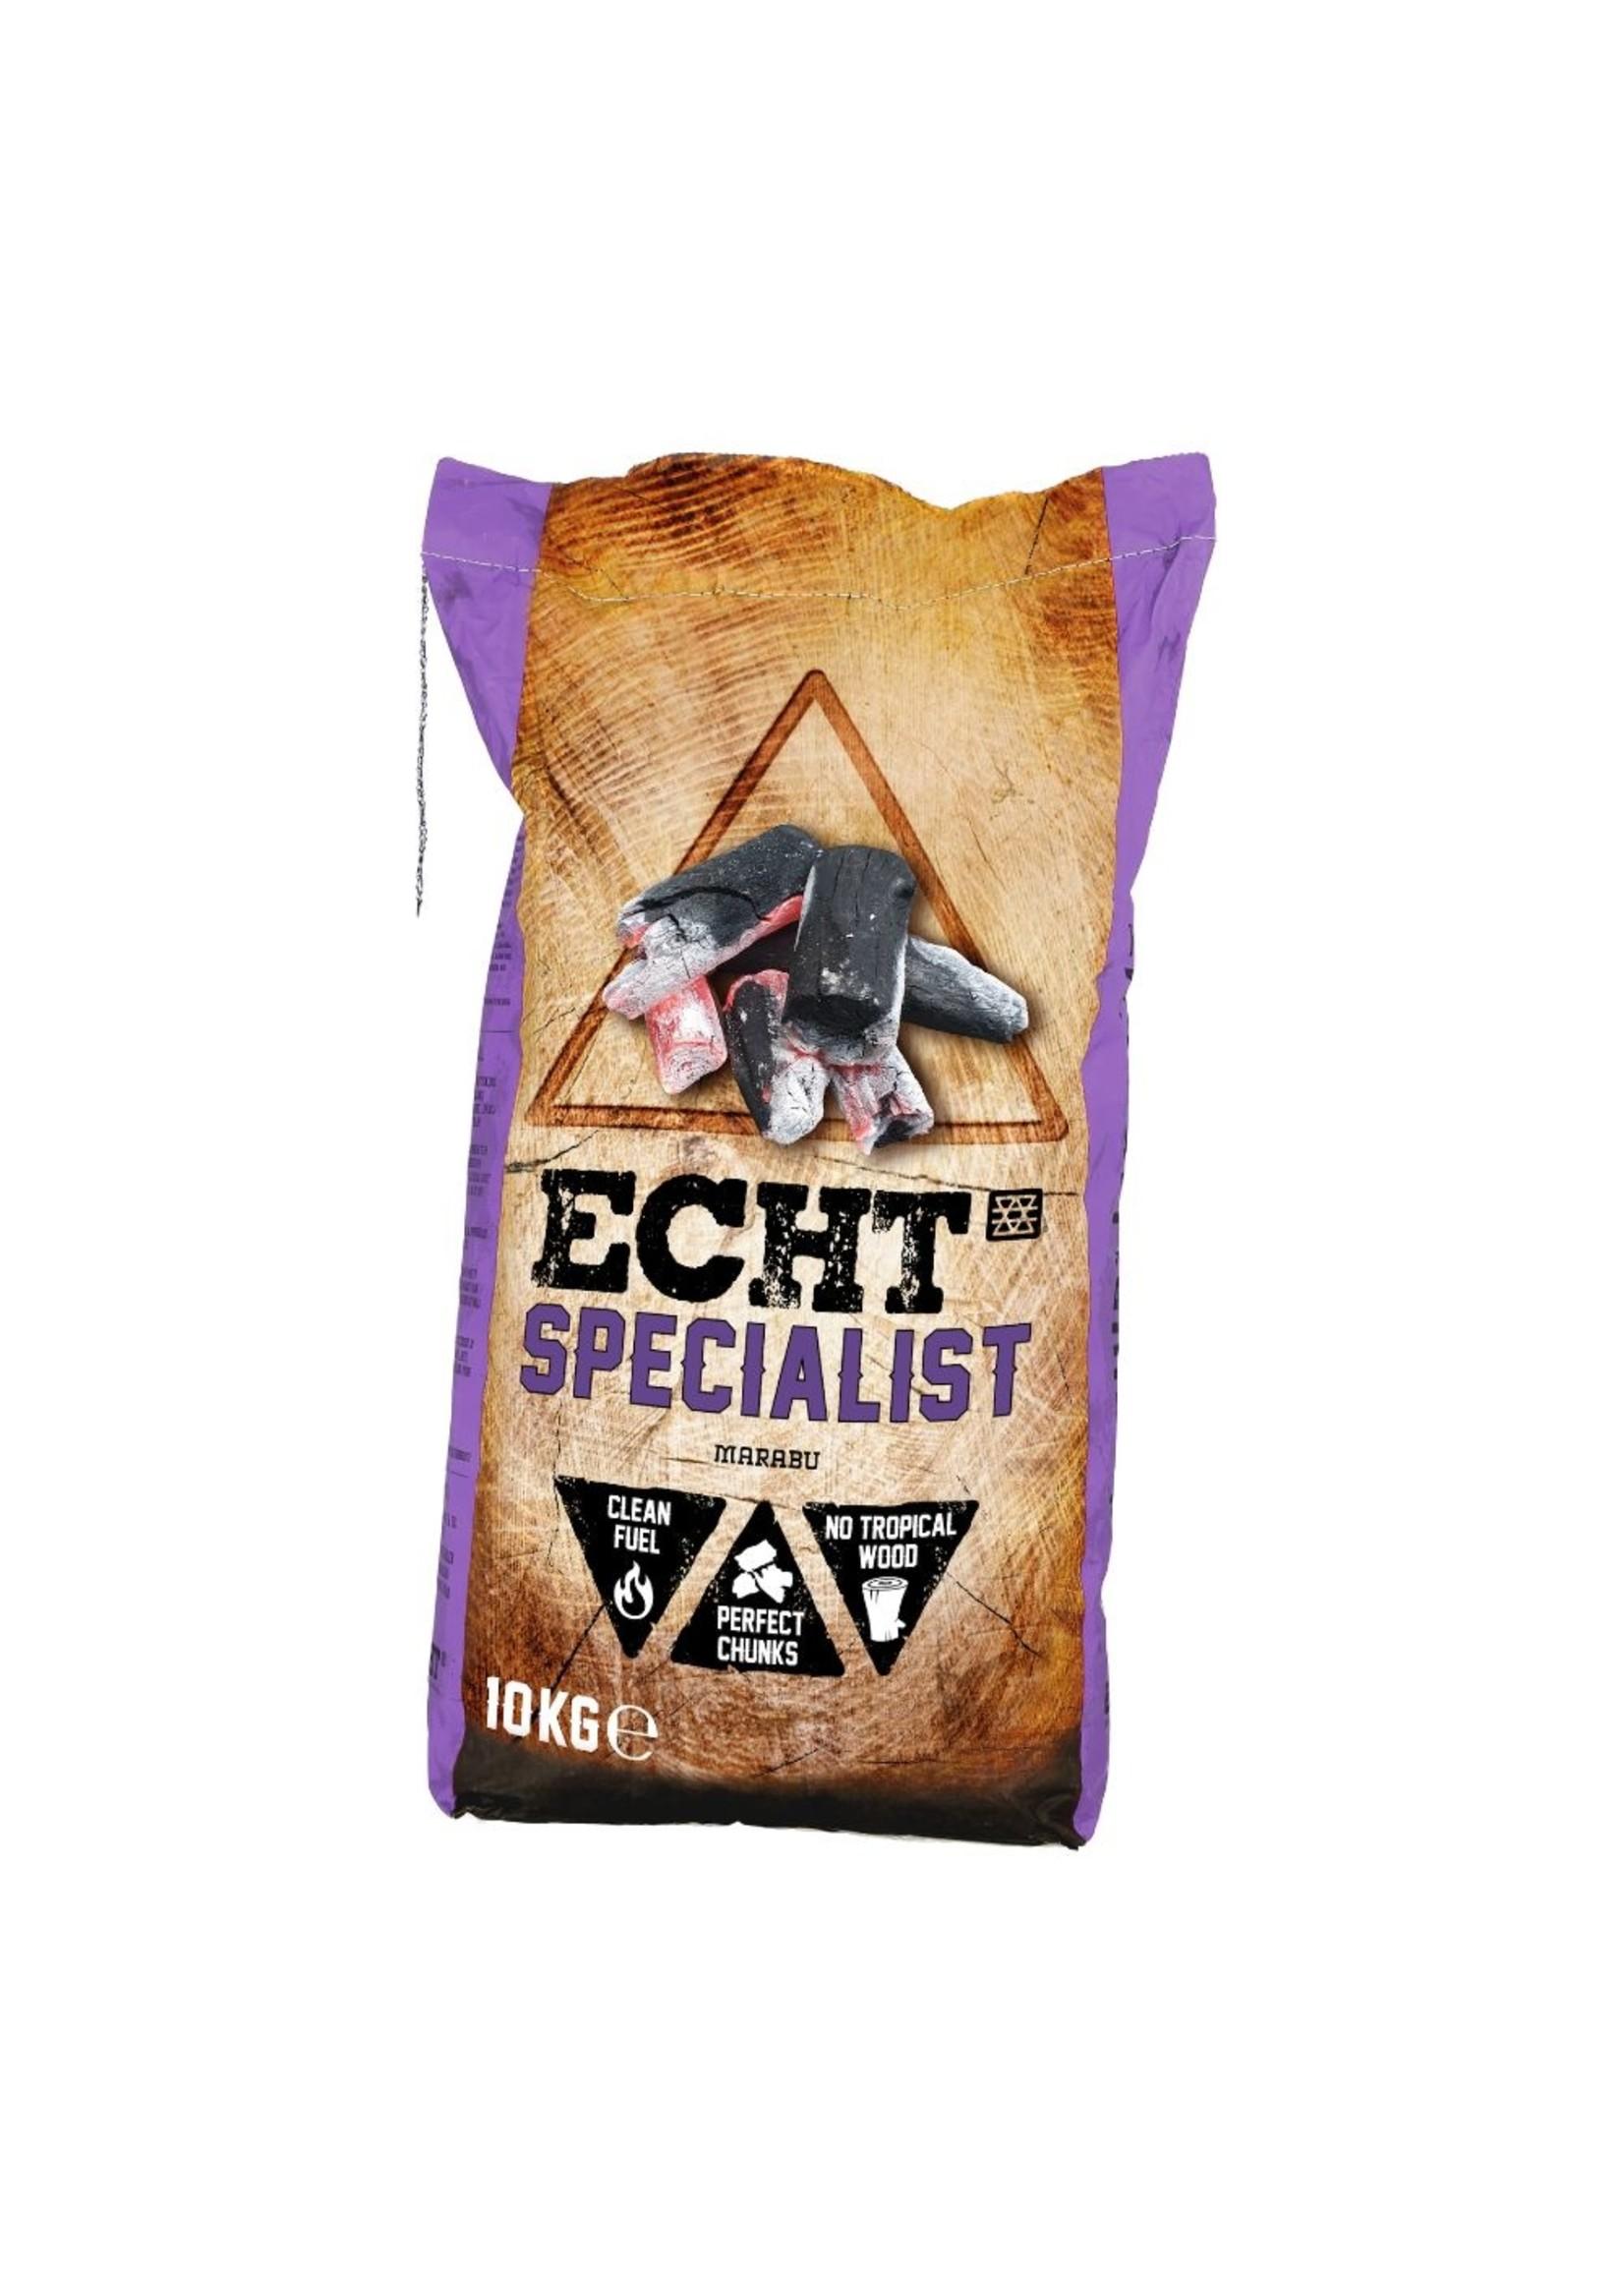 Echt Goed ECHT® Houtskool Specialist (Marabu), zak 10kg